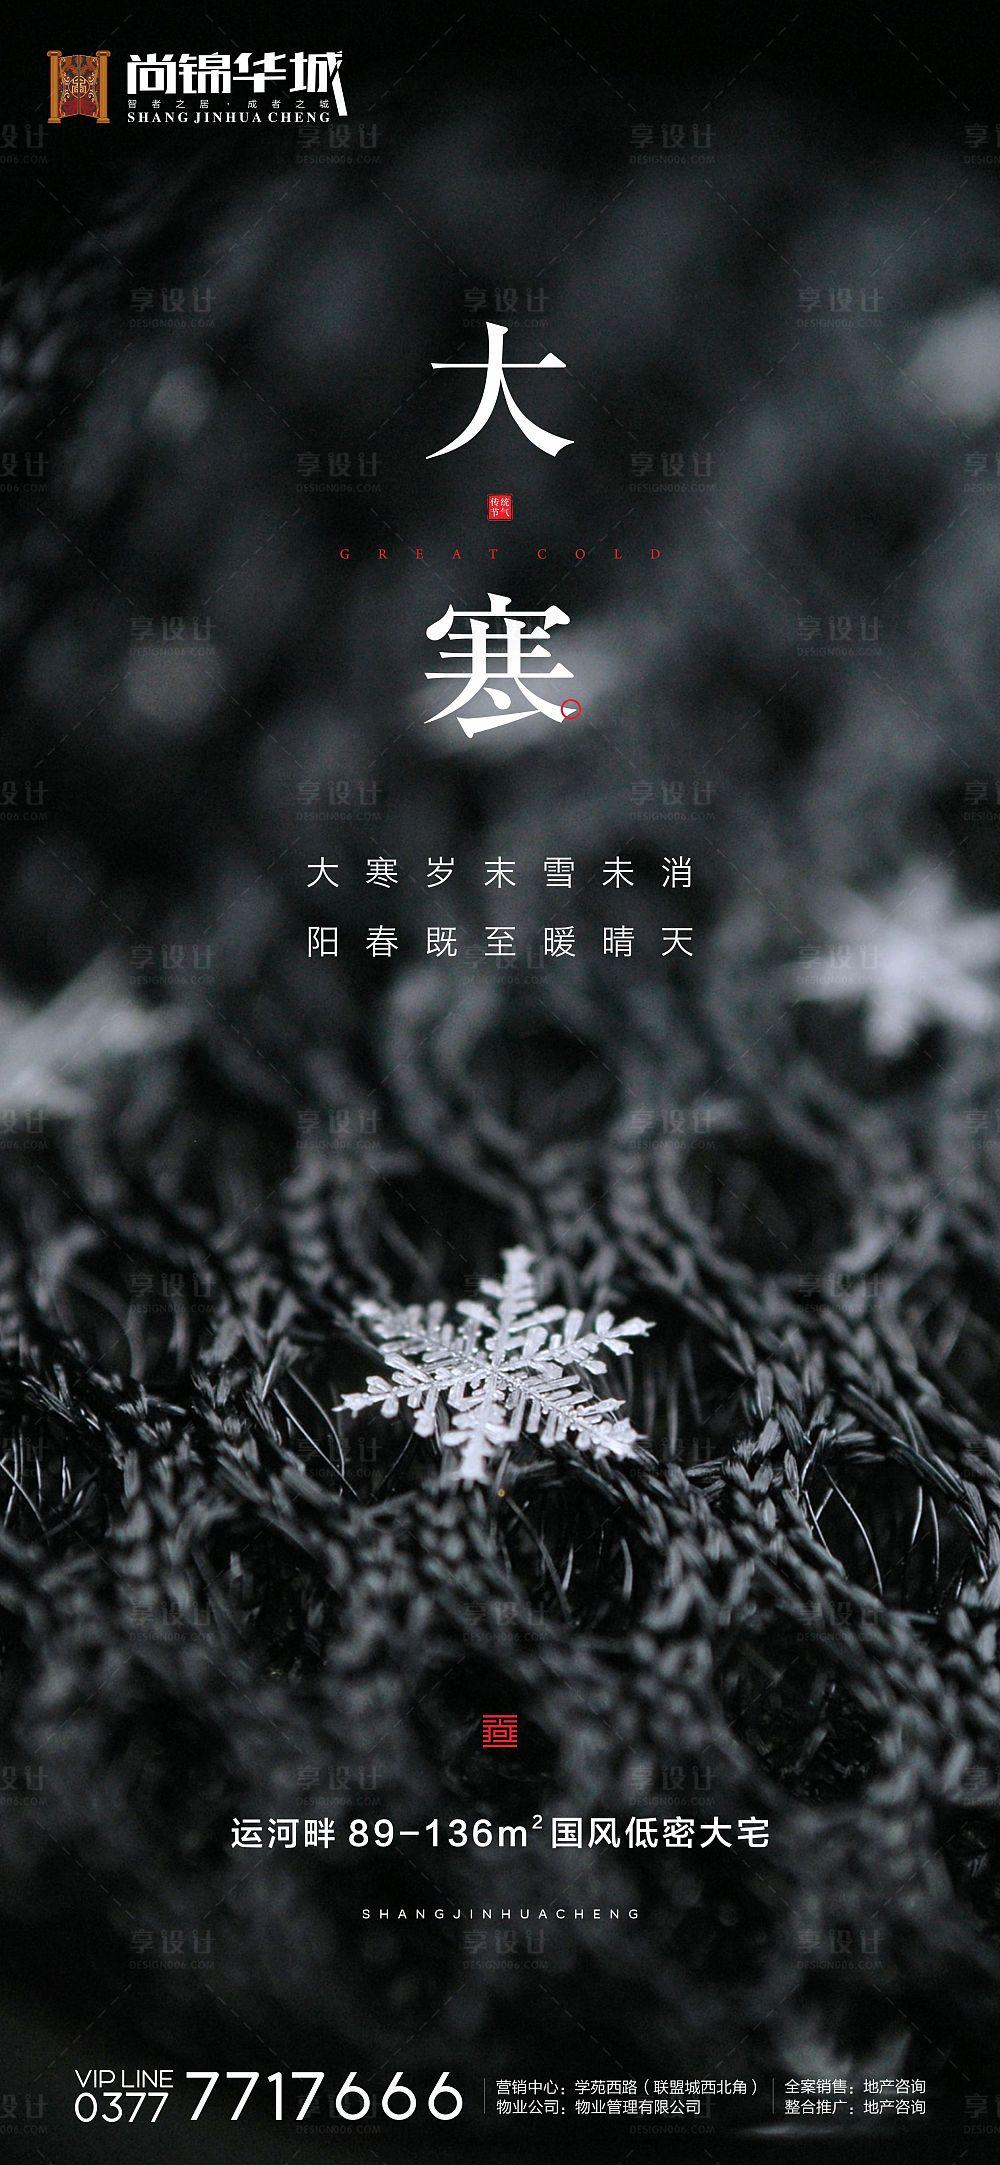 【源文件下载】 海报 房地产 大寒 二十四节气 雪花设计作品 设计图集